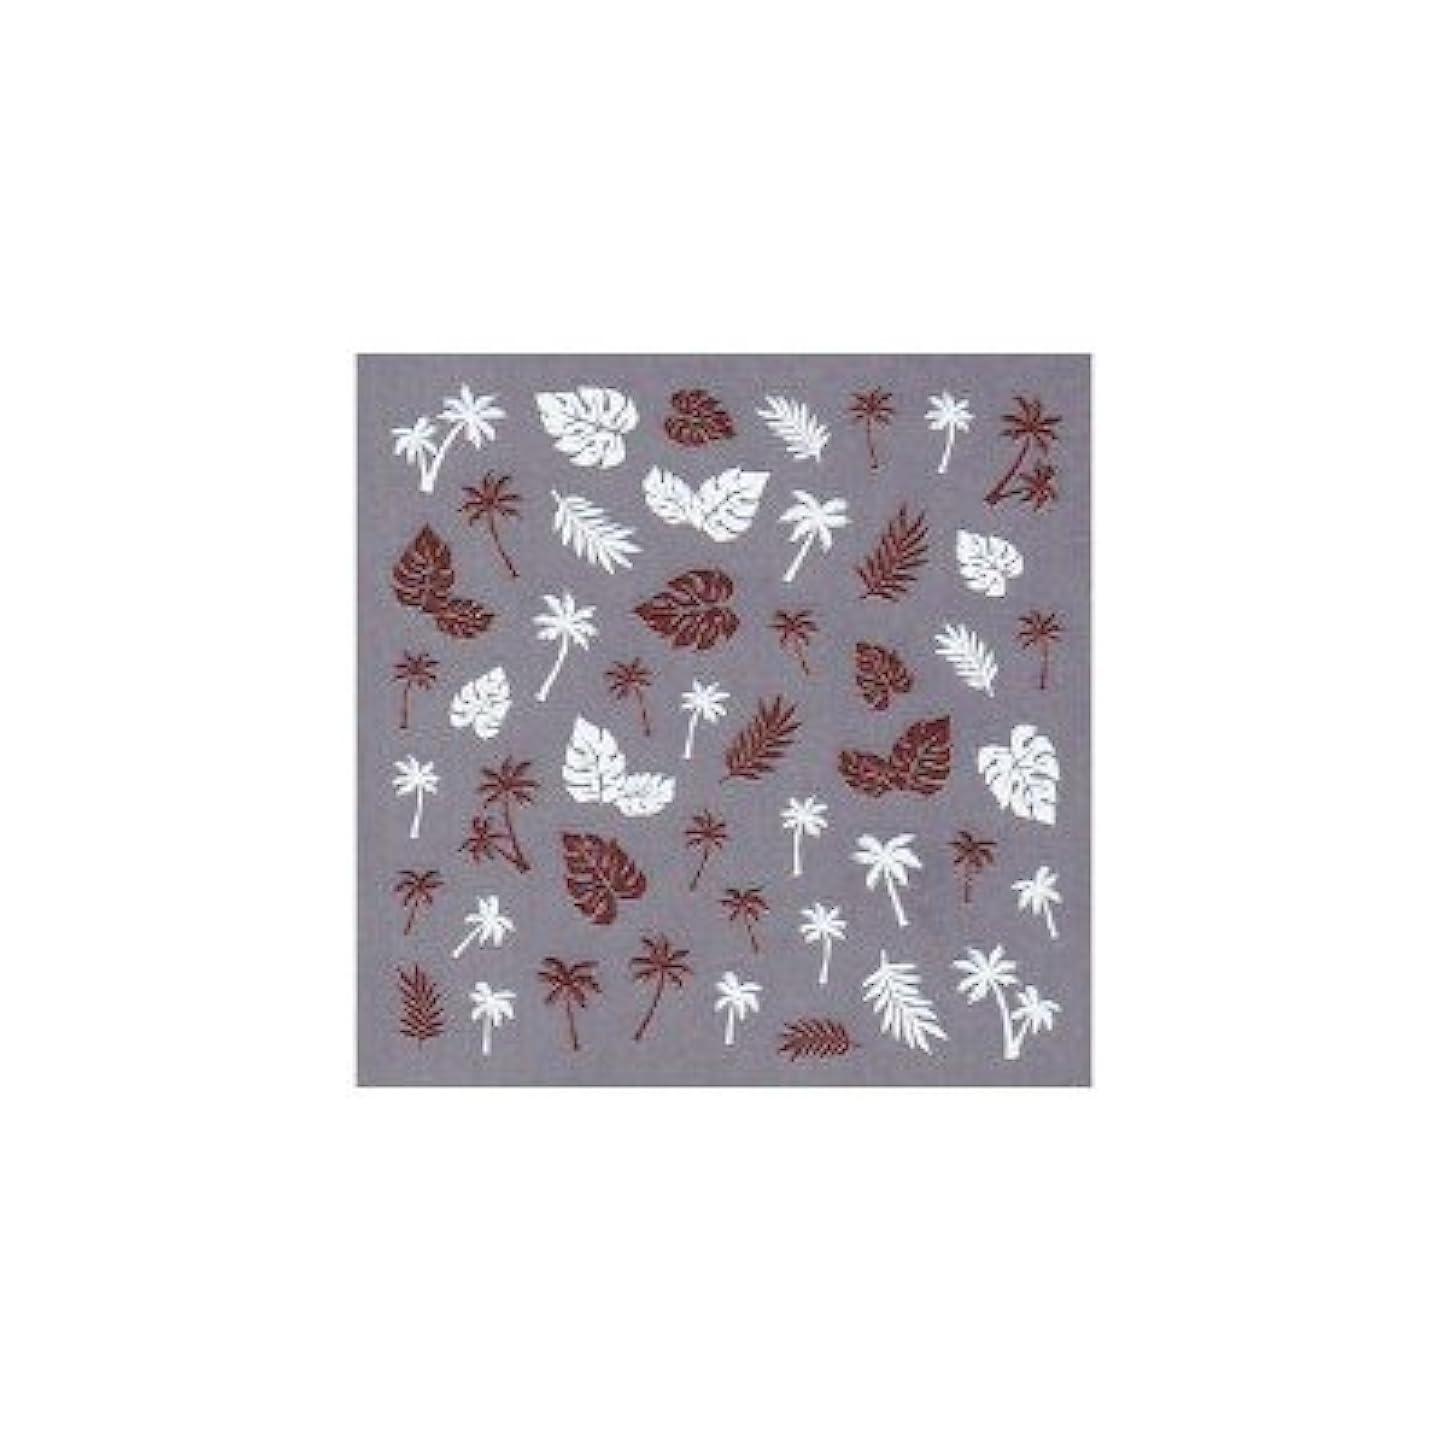 ジョガー検体手入れネイルシール カットシール ピアドラ pieadra ネイルシール ヤシの木 ホワイト×ブラウン